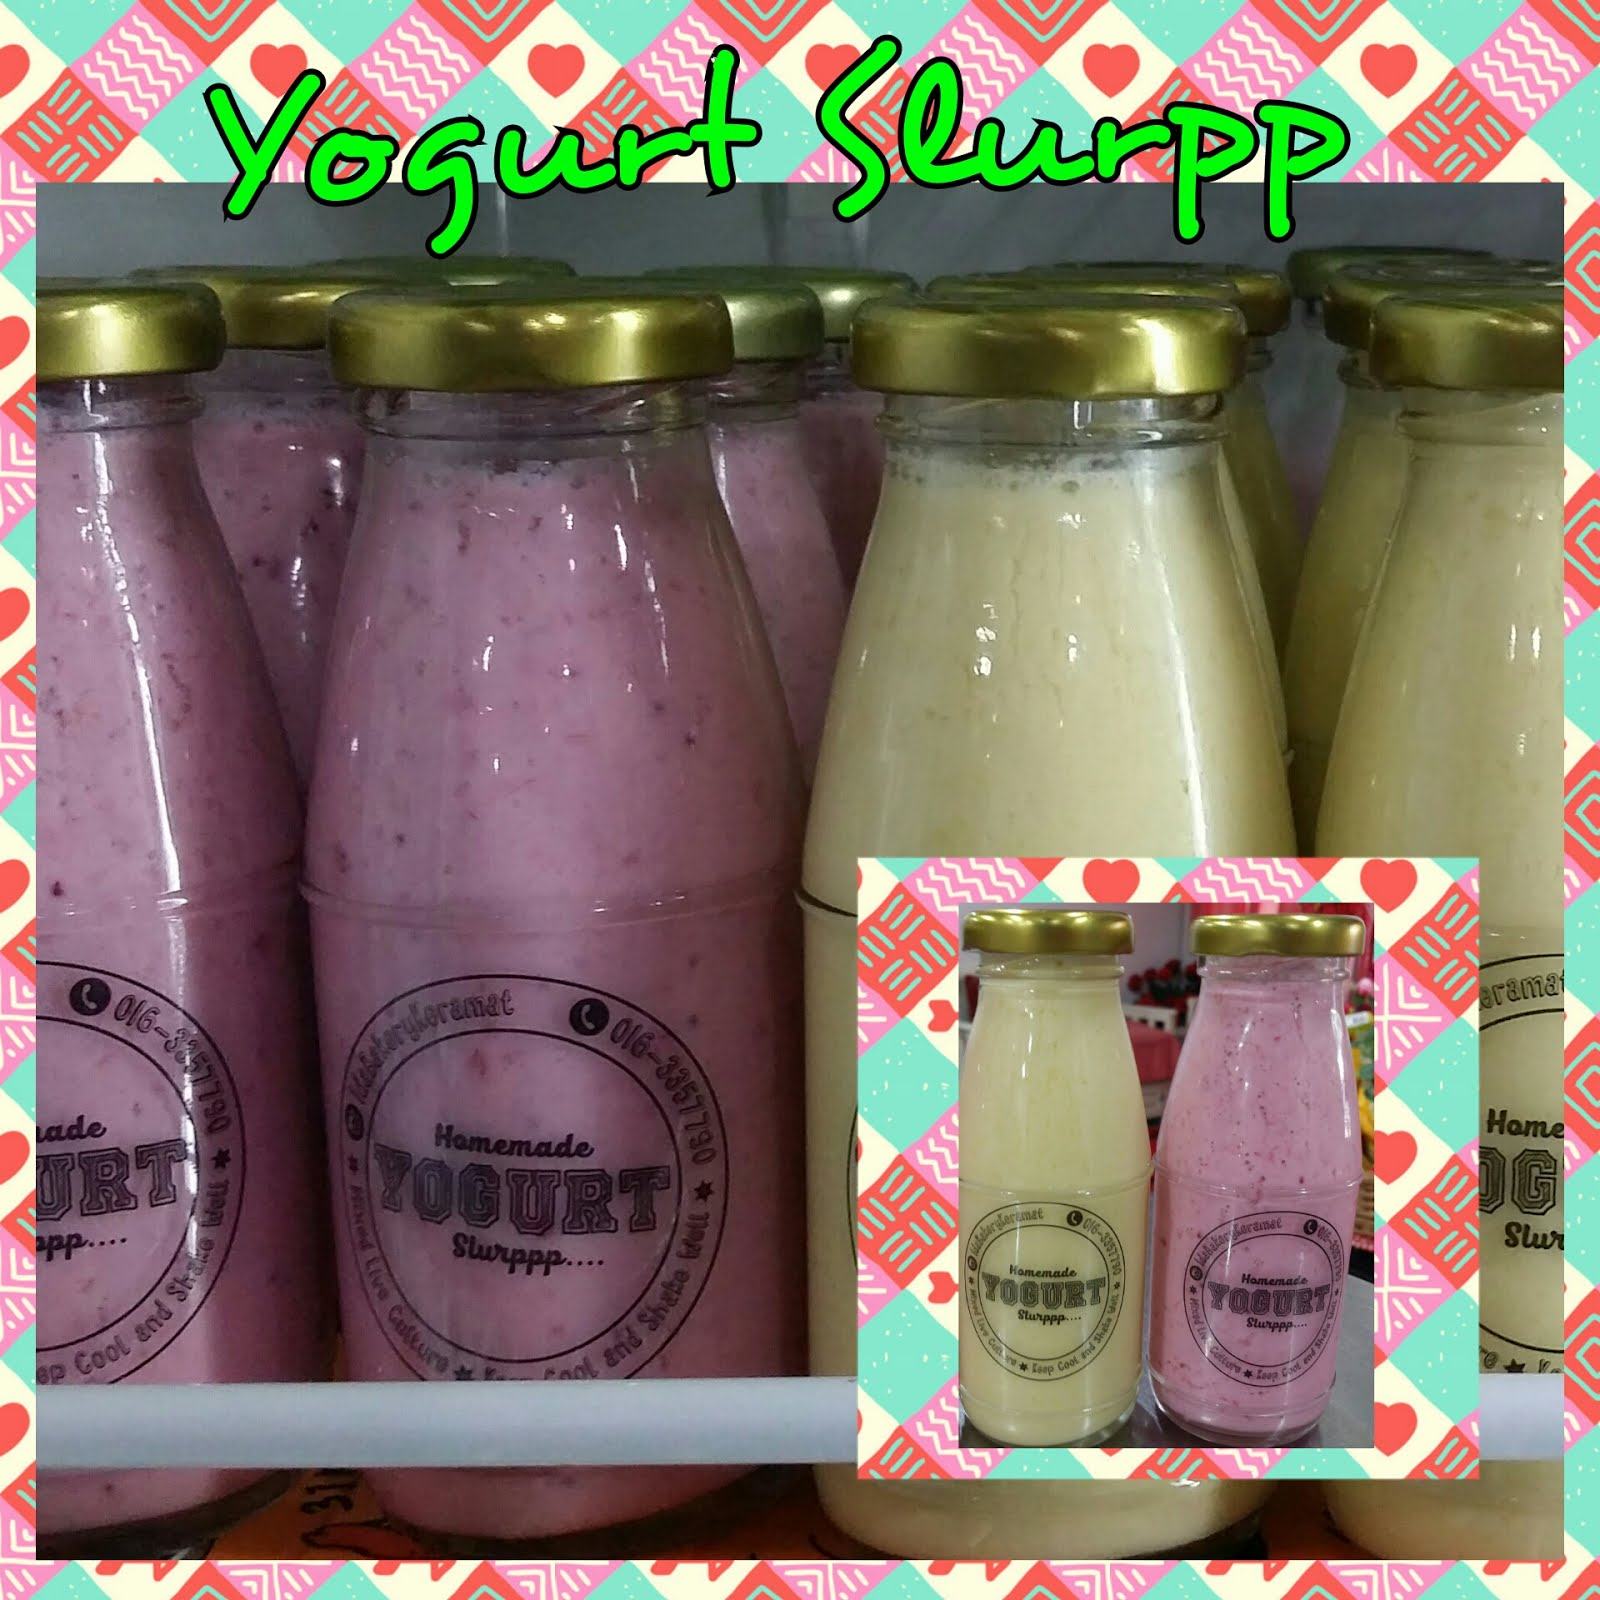 Kelas Homemade Yogurt Slurpp RM250